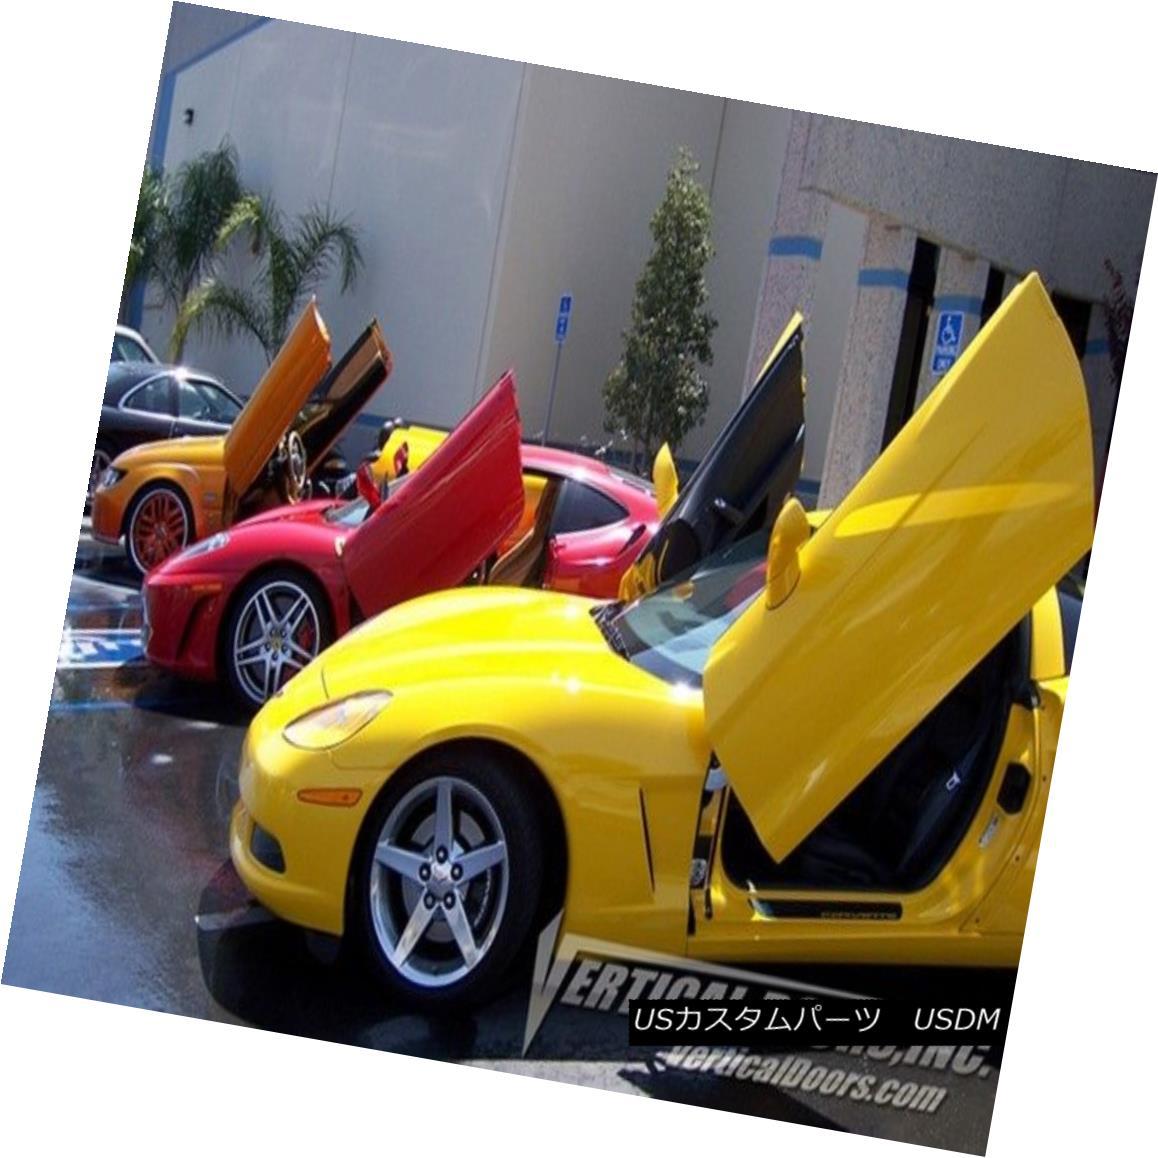 ガルウィングキット Direct Bolt On Vertical Lambo Doors Hingest Kit With Warranty VDCUK 垂直ランボルフトドアヒンジキットの直接ボルトVDSUK